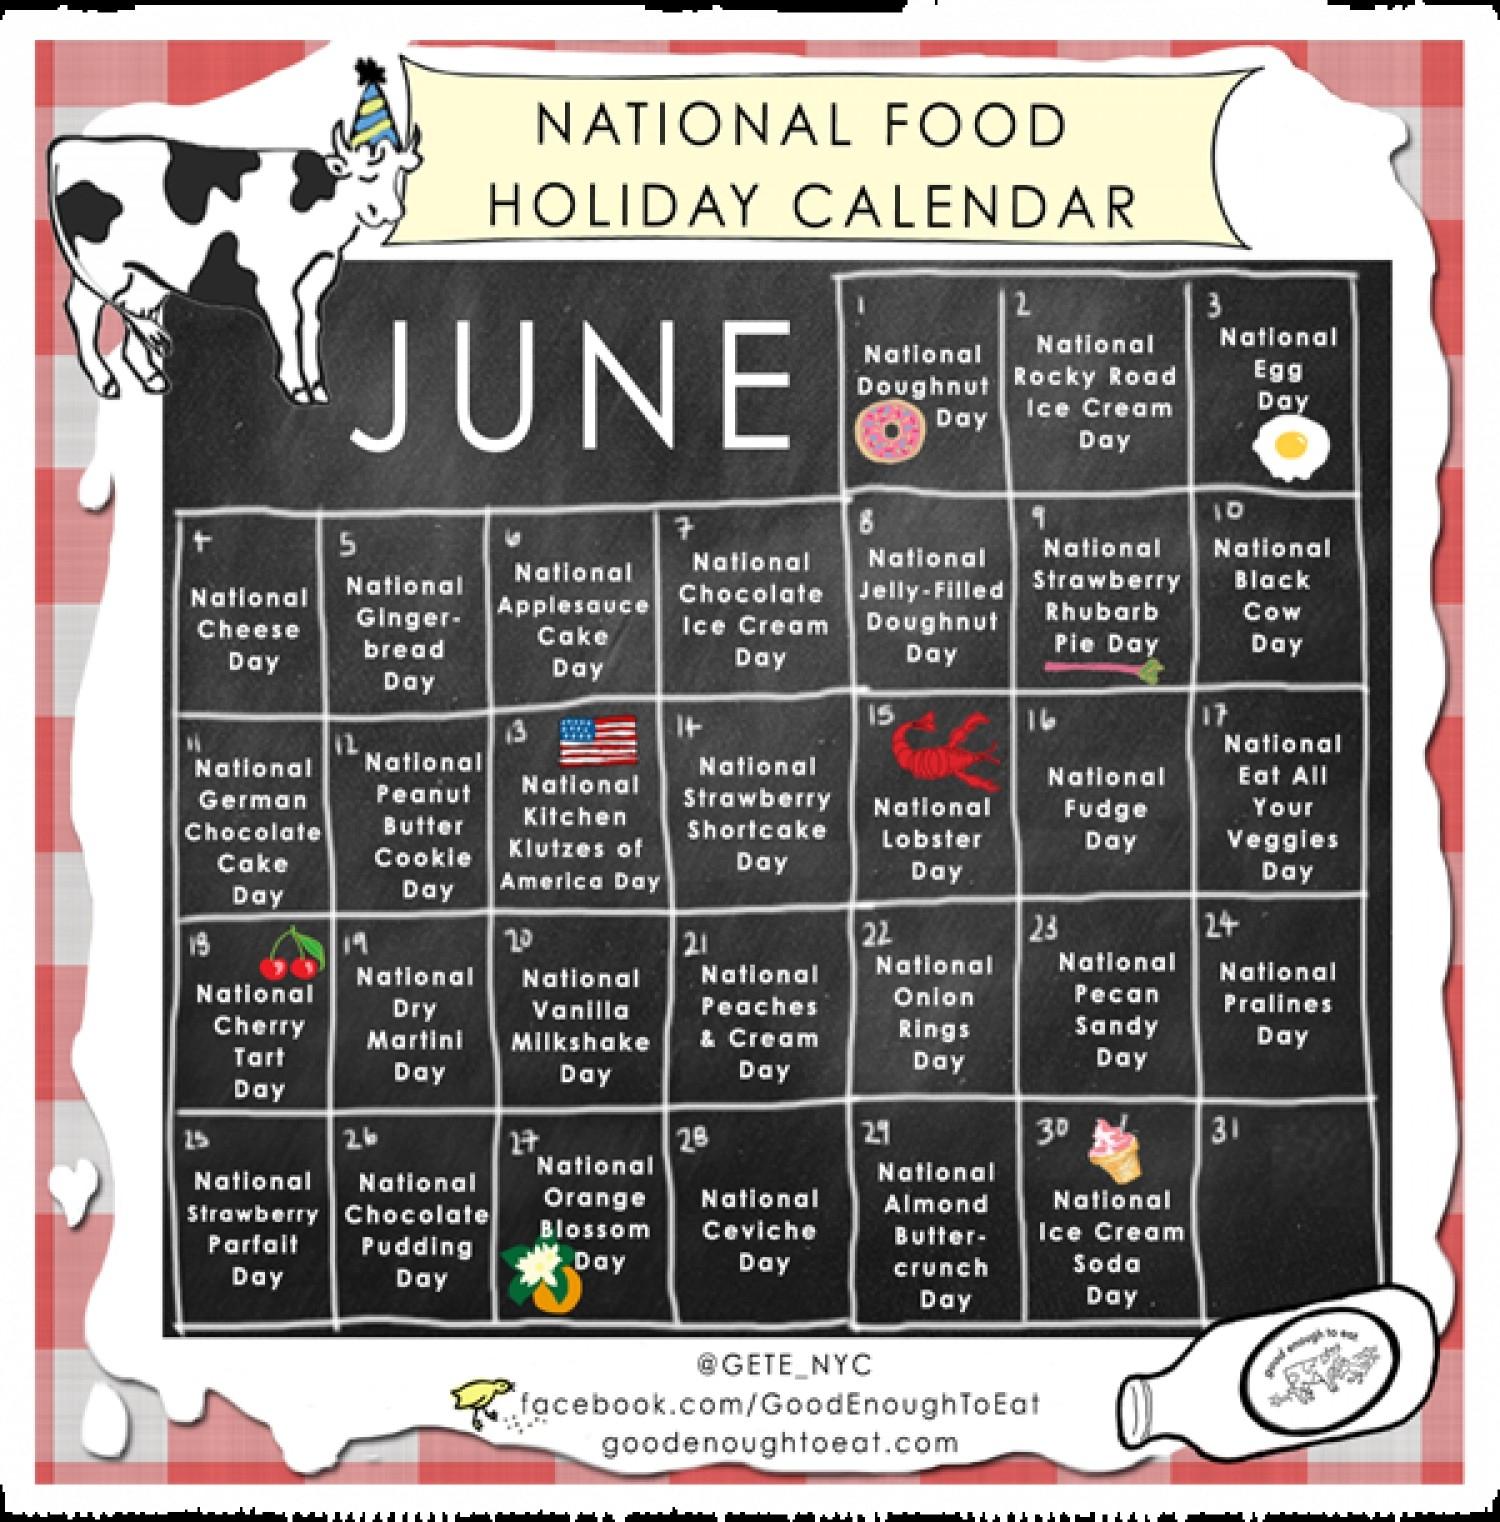 National Food Holiday Calendar - June 2013   Visual.ly-Calendar Of National Food Holidays